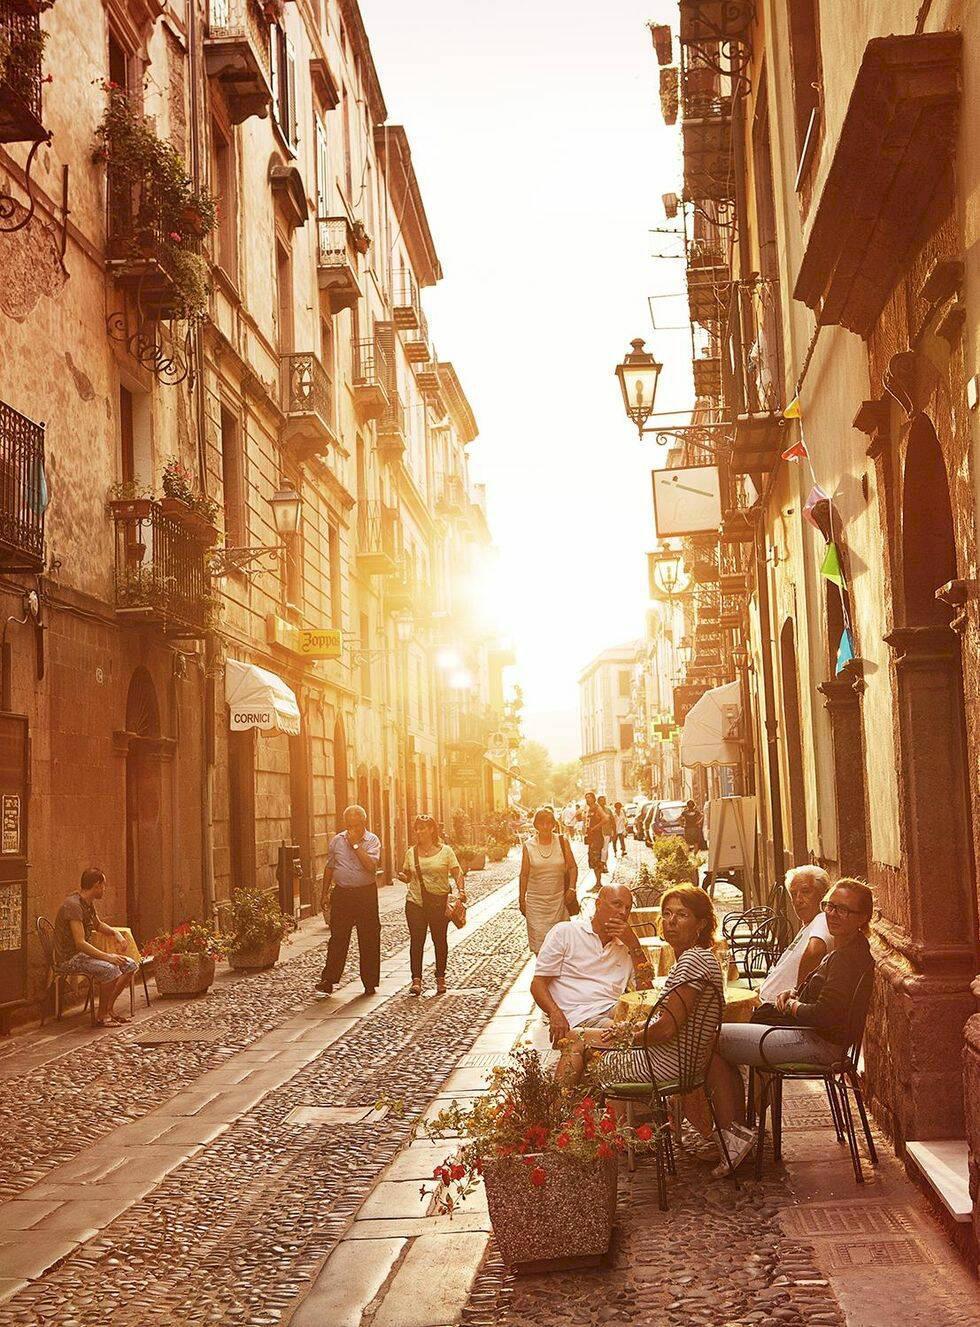 Sardinien - här finns Medelhavets bästa stränder